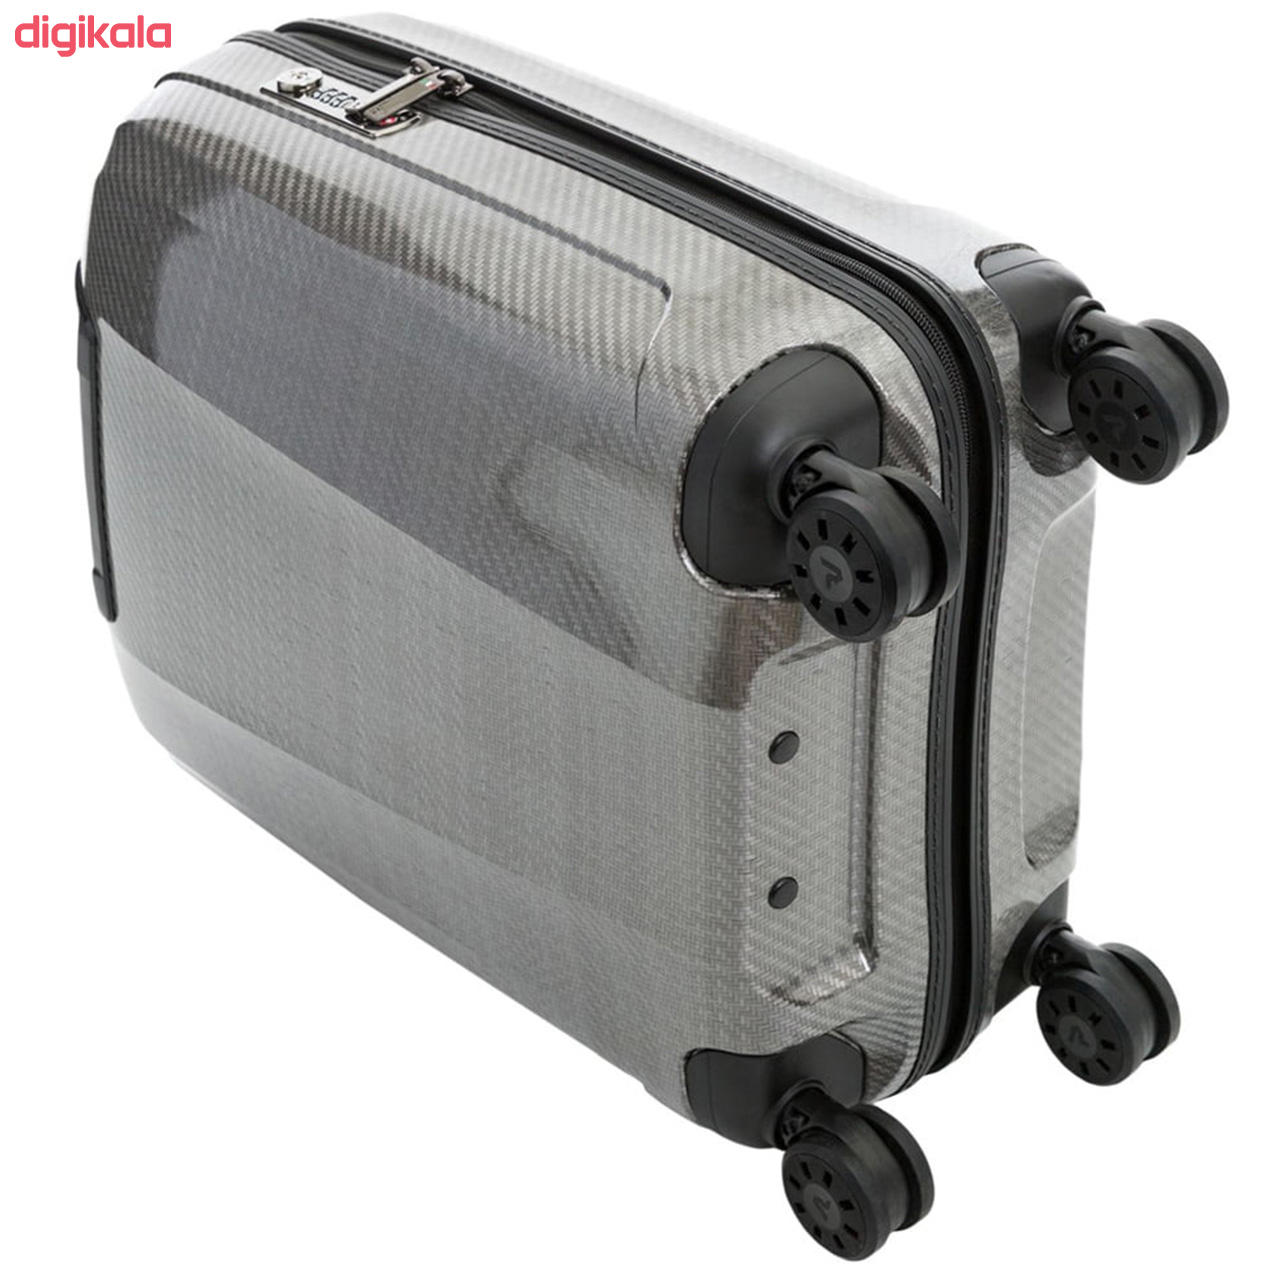 مجموعه سه عددی چمدان رونکاتو مدل 5950 main 1 13